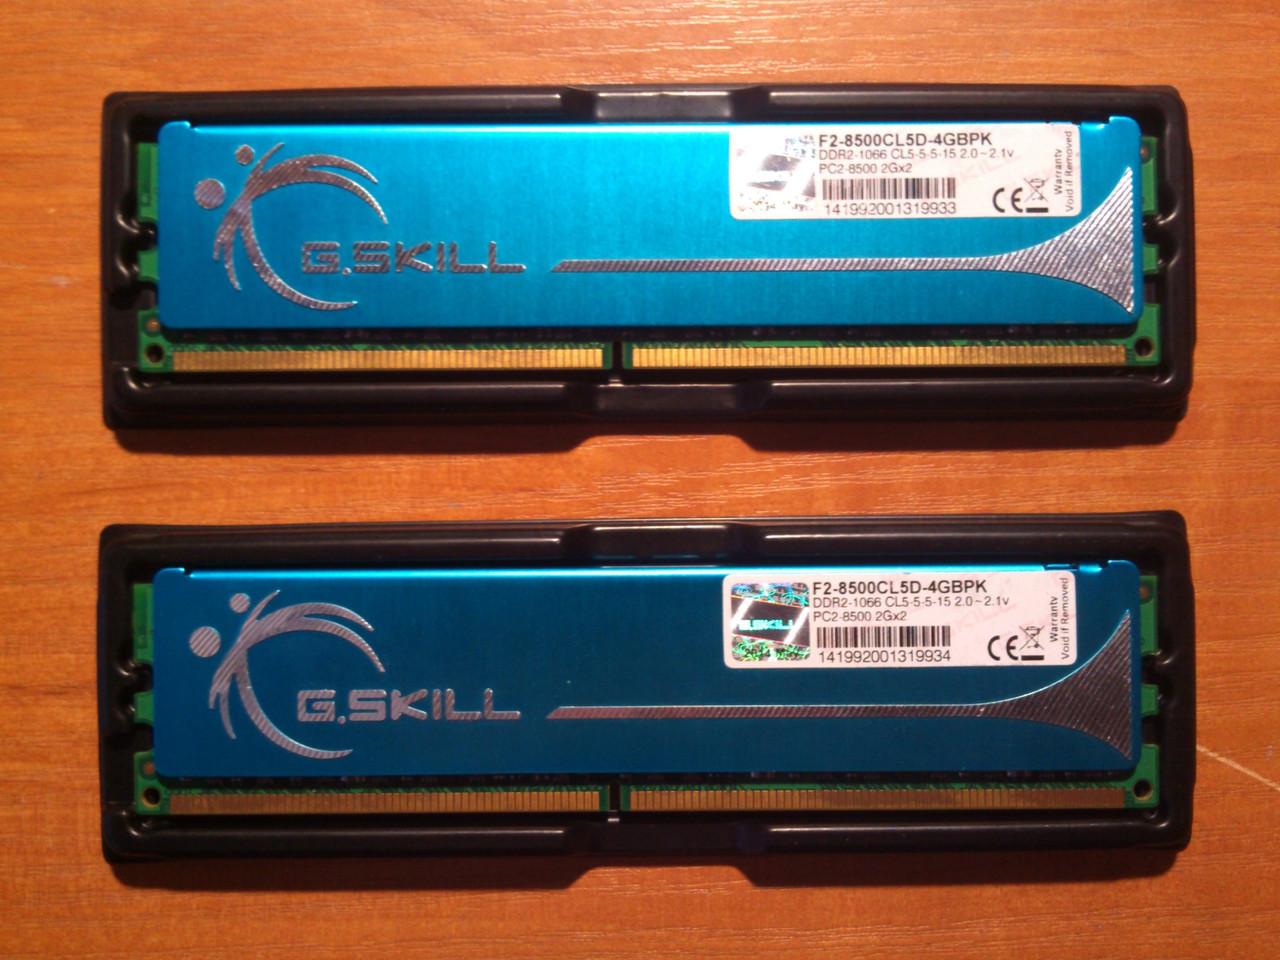 Пара G.SKILL DDR2 4GB 1066MHz PC2-8500 під Intel/AMD Гарантія!